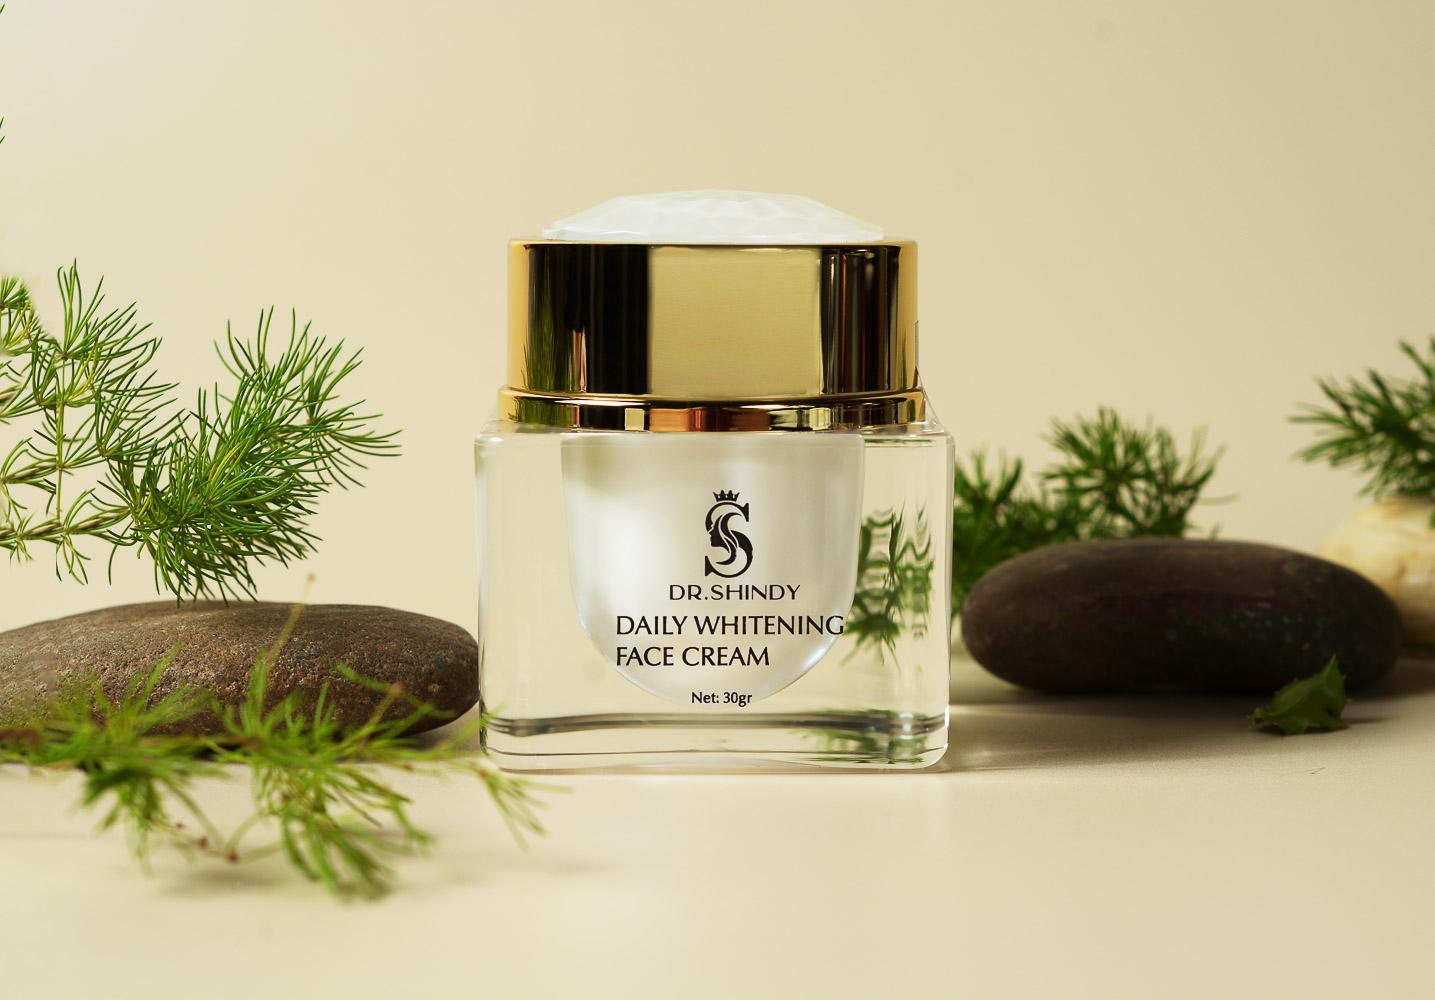 Kem Dưỡng Trắng Da Mặt Nâng Tone Ban Ngày Dr.Shindy Daily Whitening Face Cream